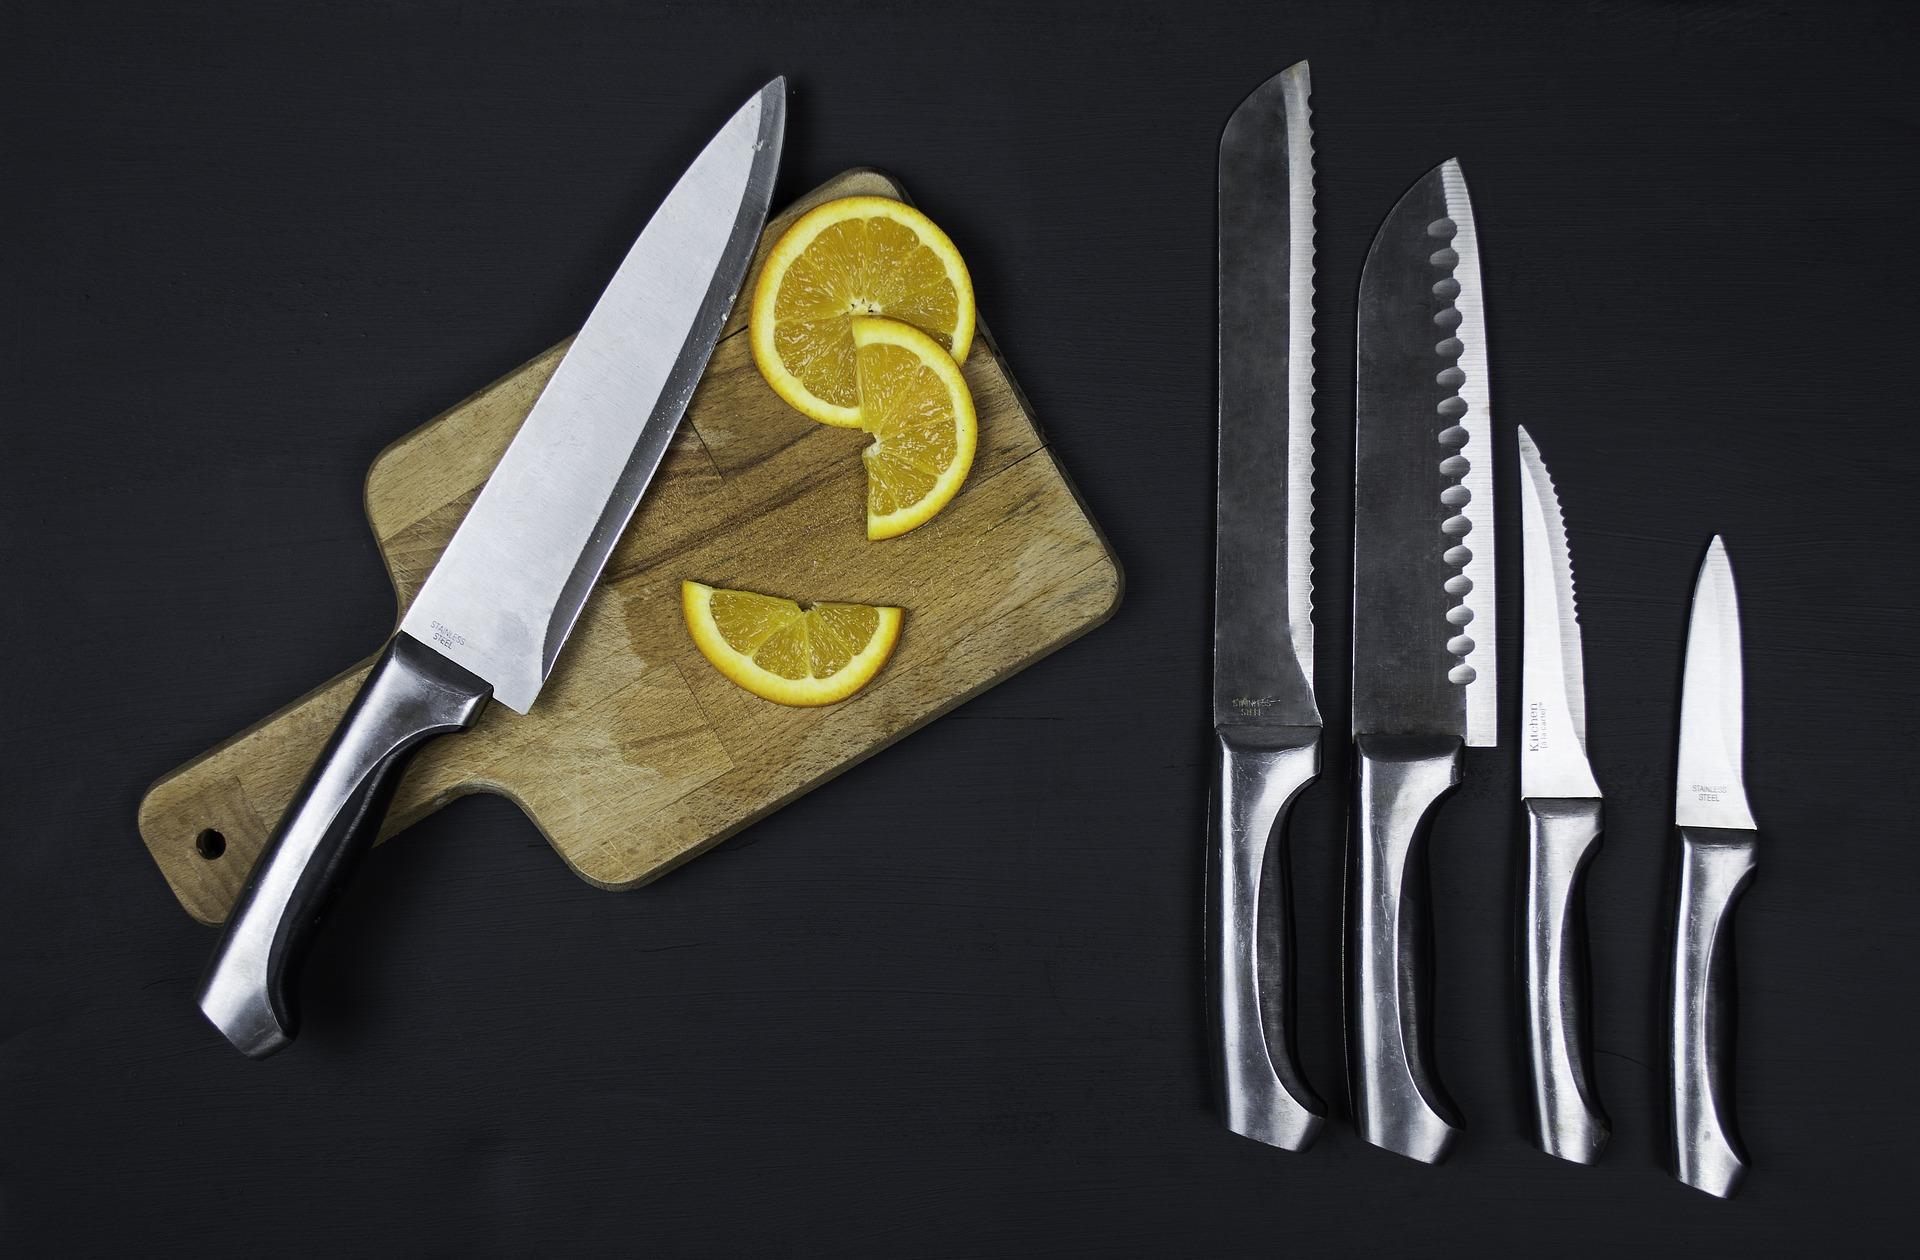 Jak dbać o nóż, żeby służył długo i skutecznie?